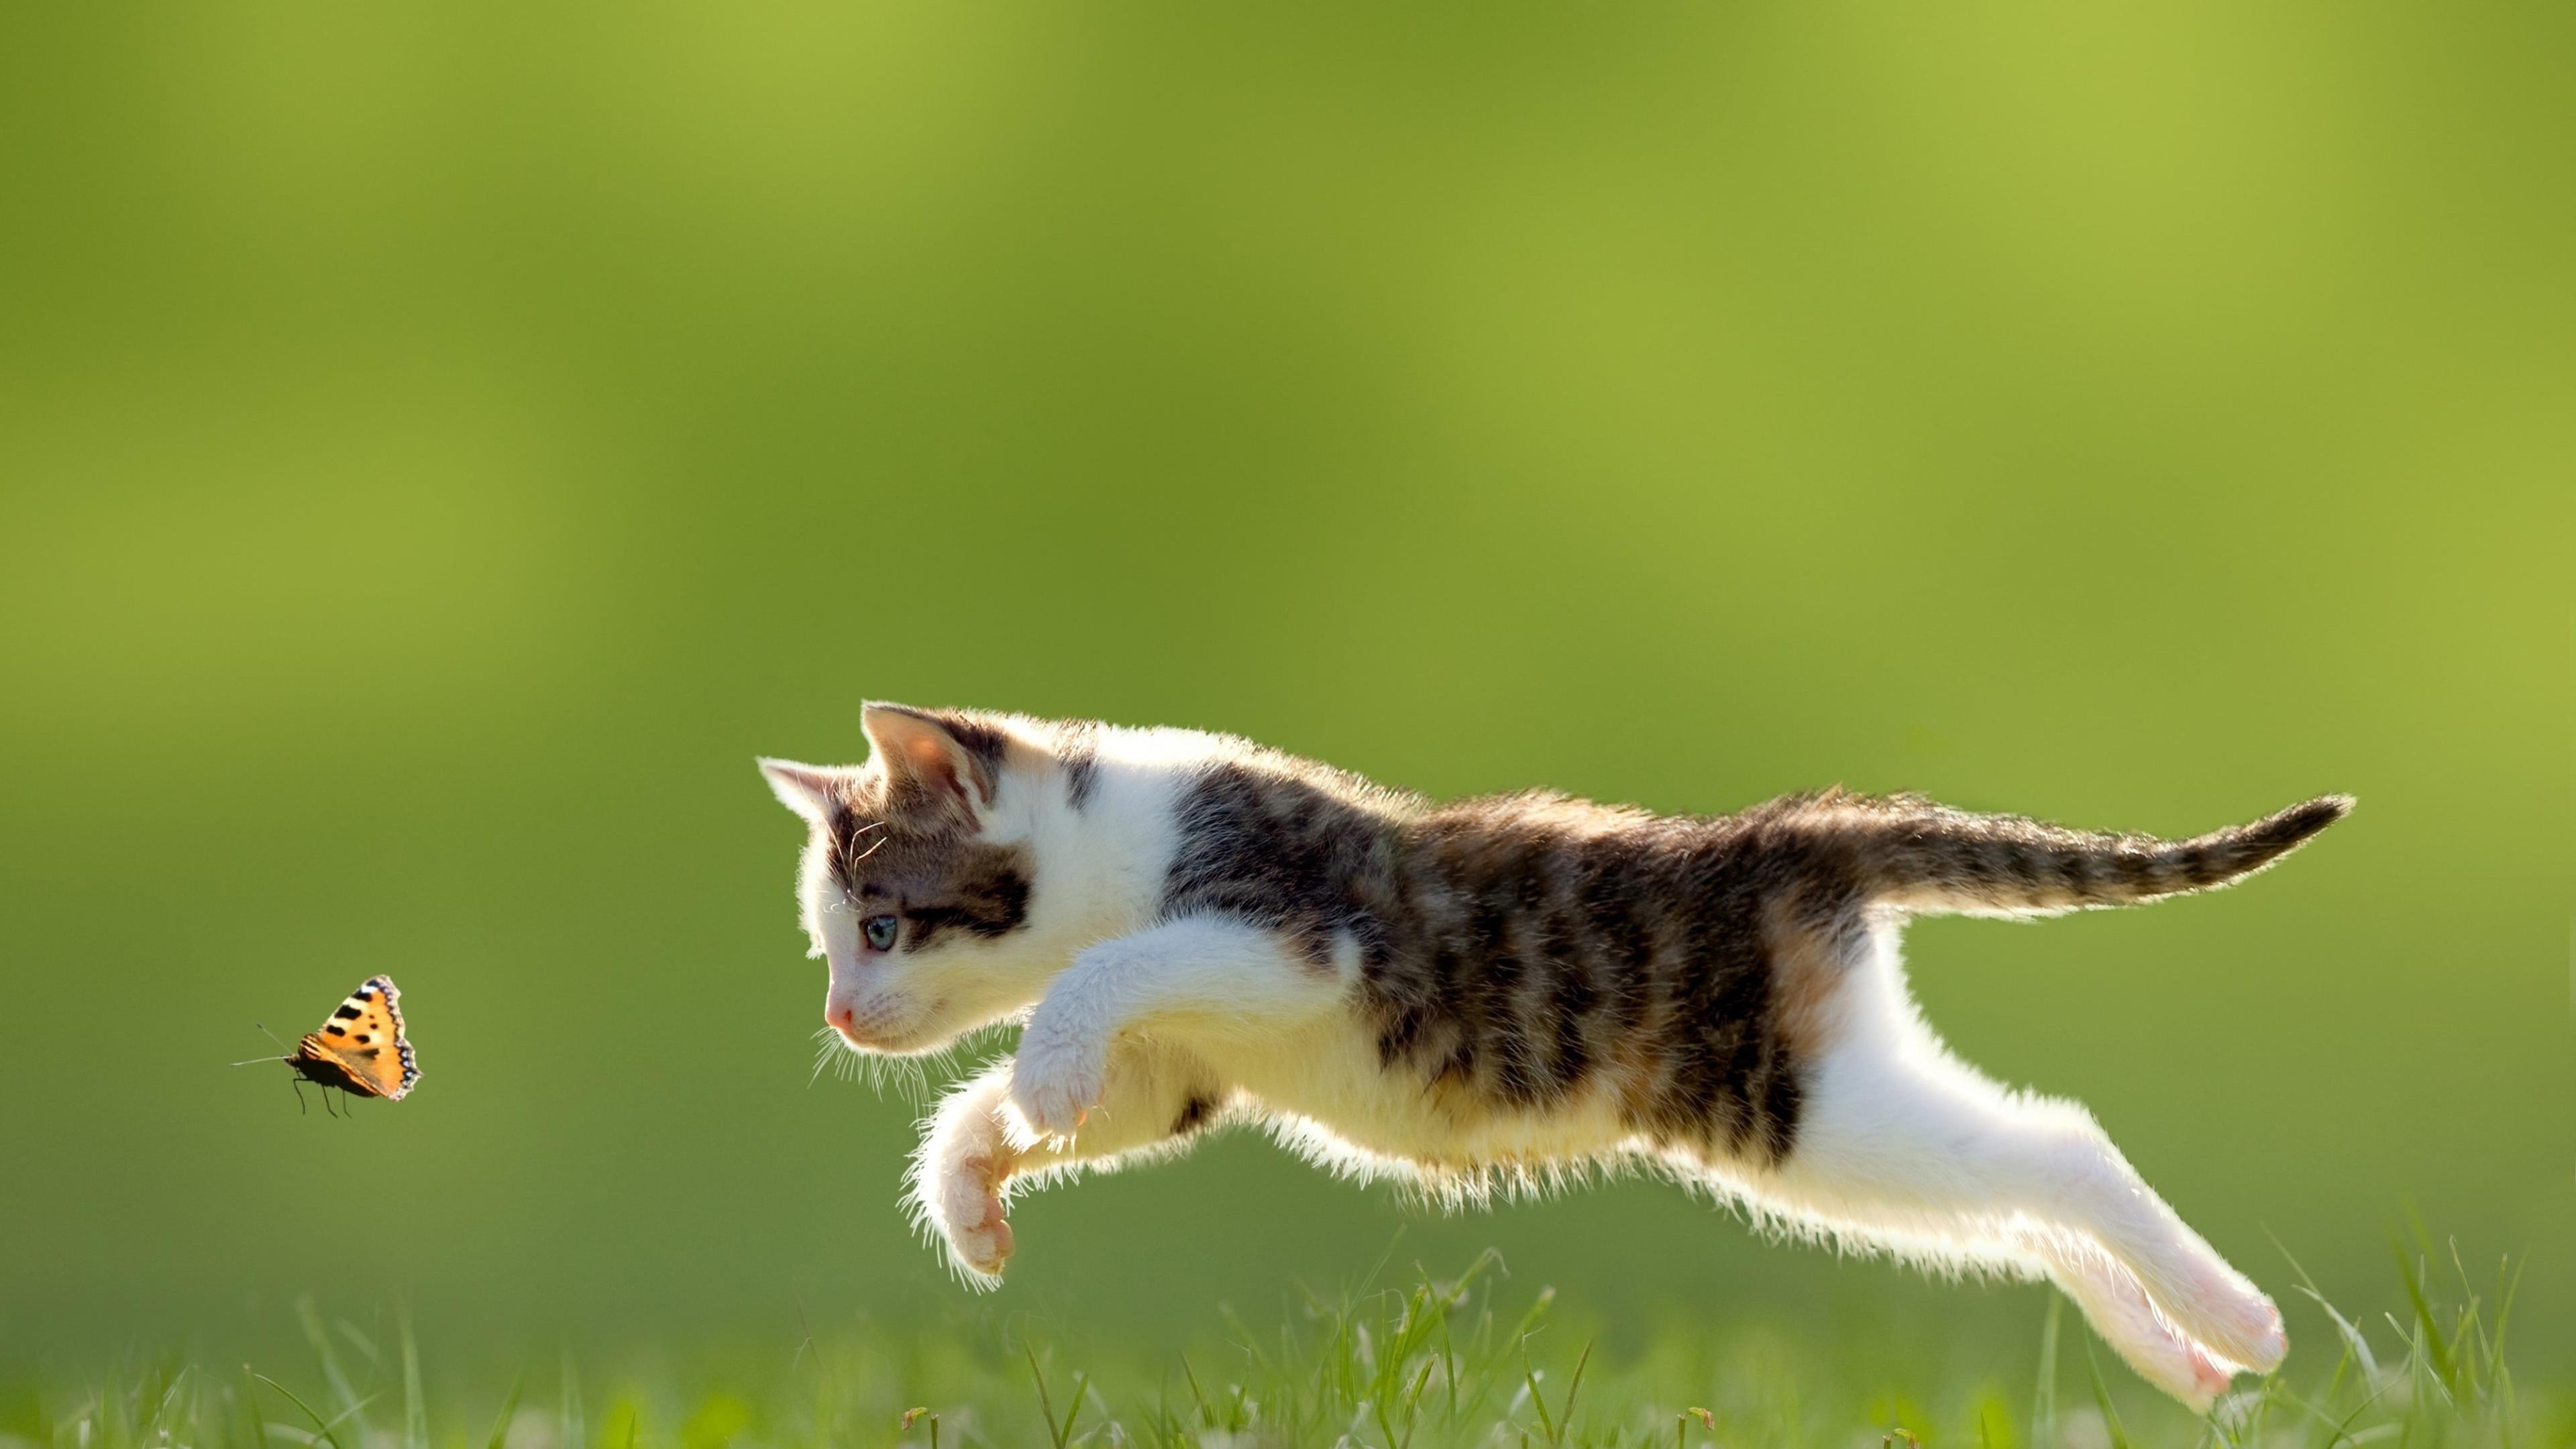 Белый и черный полосатый котенок кошка ребенок животные природа обои скачать